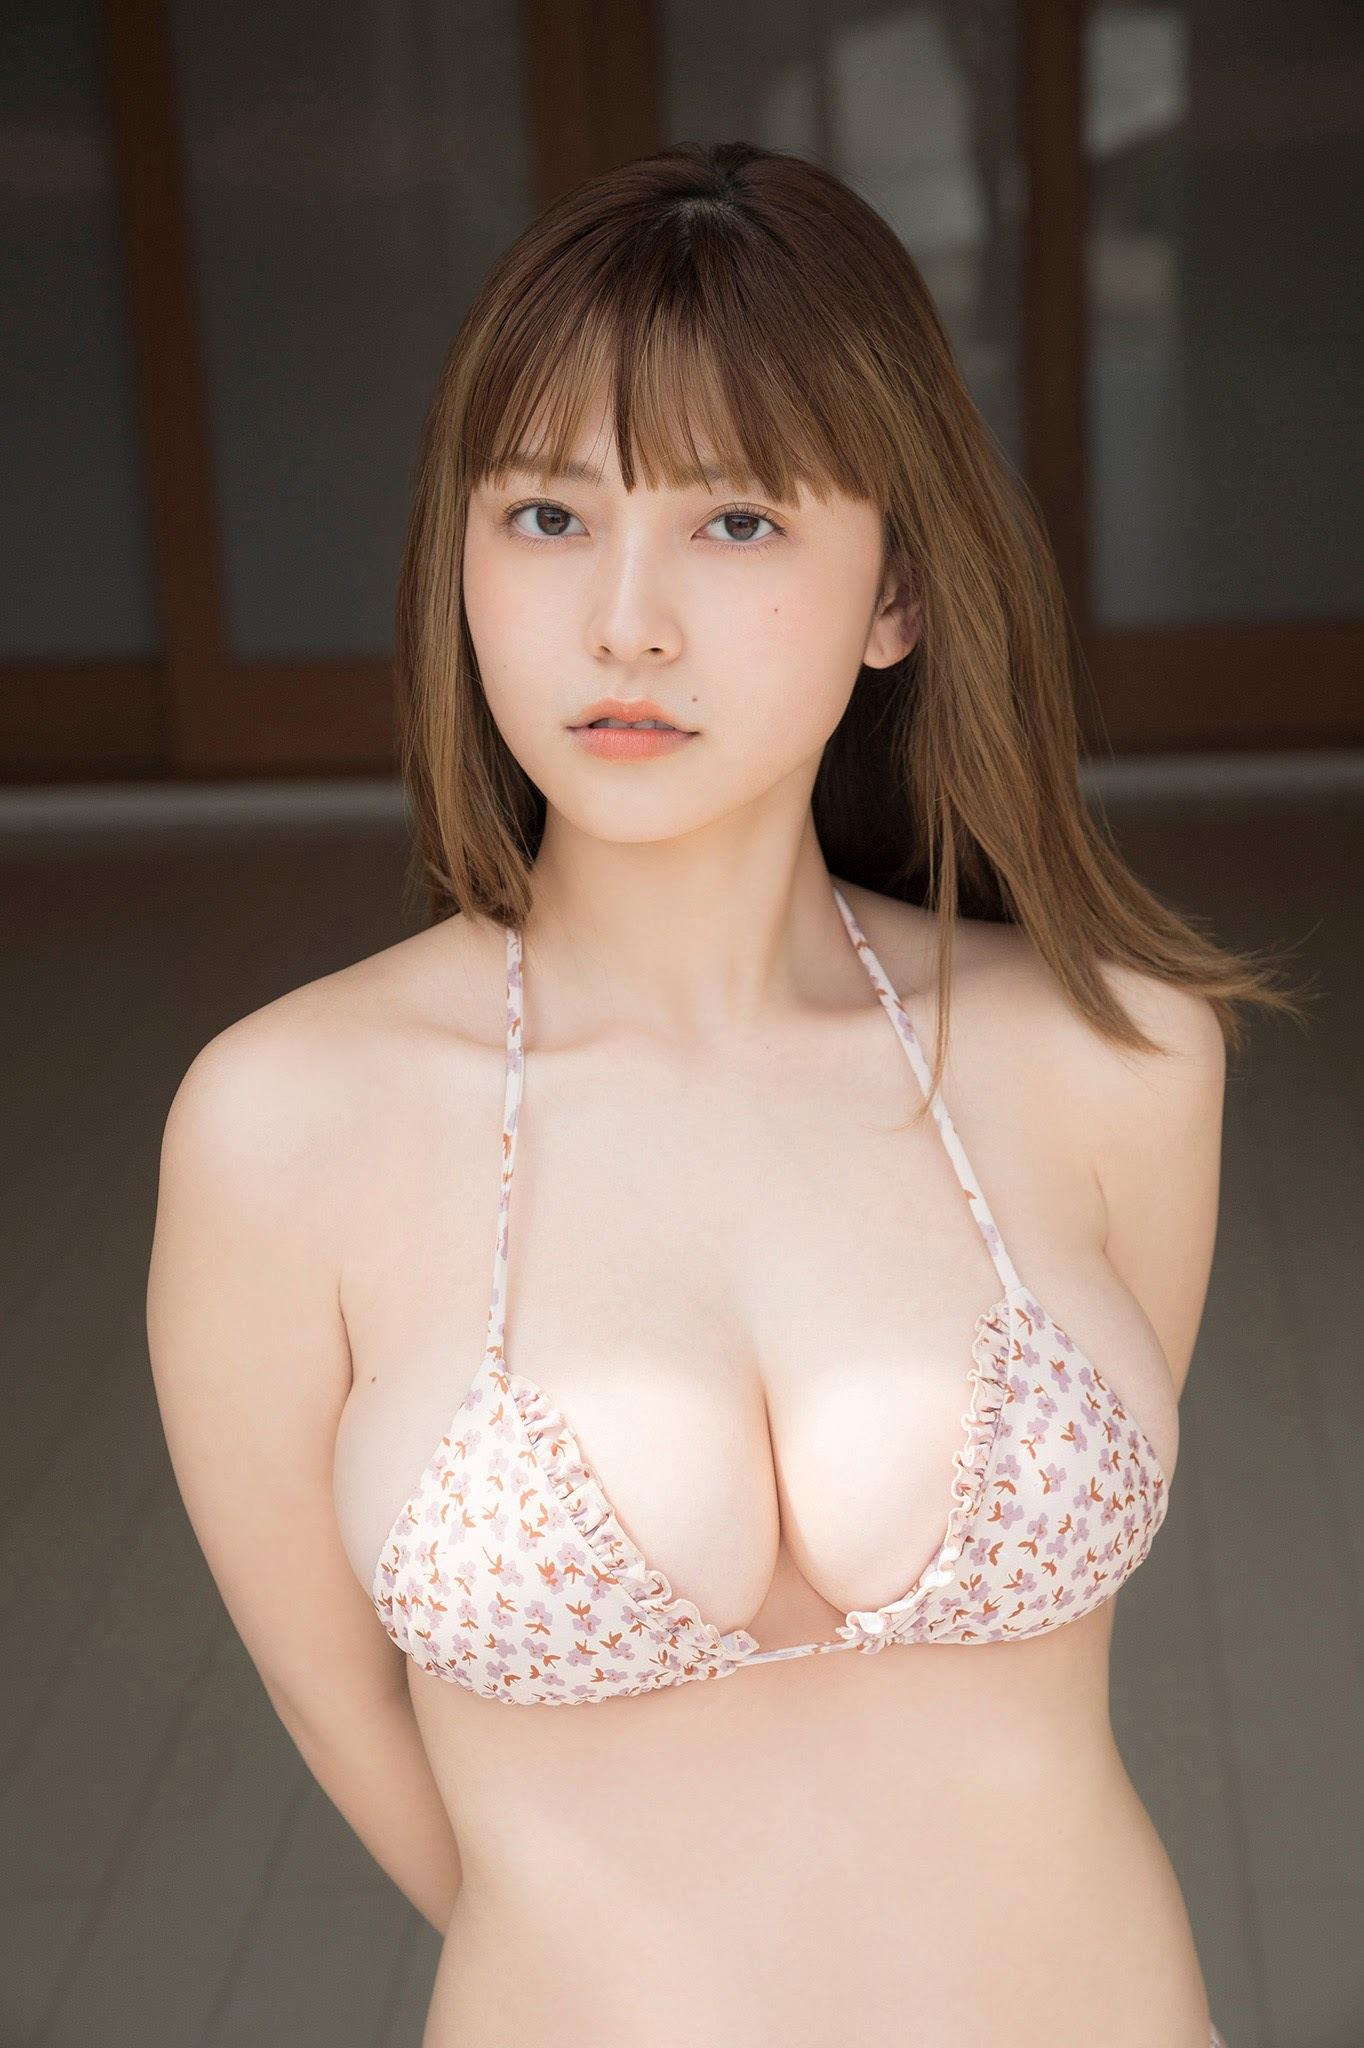 櫻井音乃23